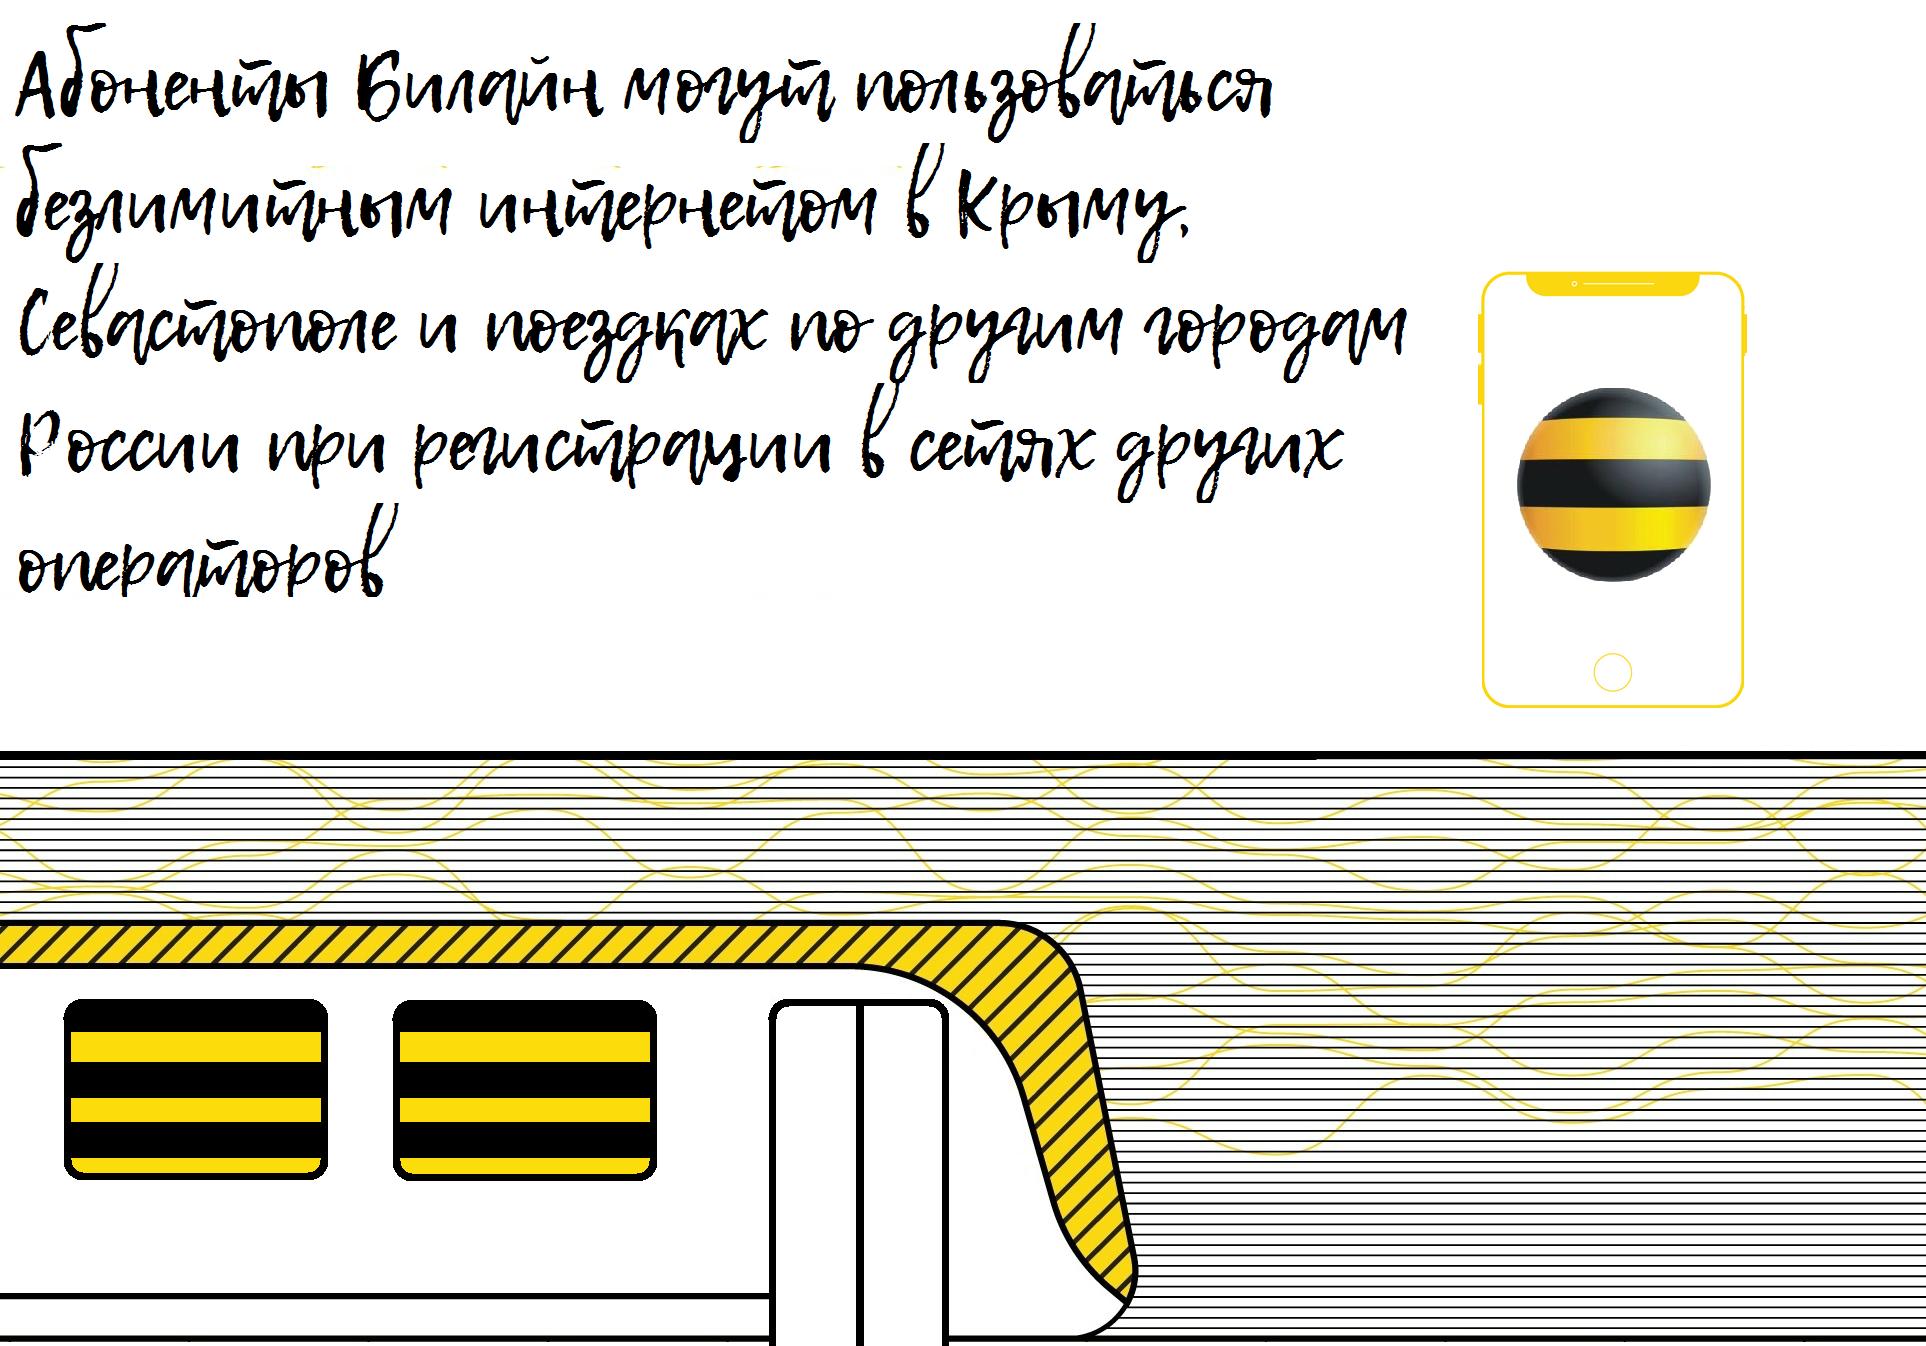 Абоненты Билайн могут пользоваться безлимитным интернетом в Крыму, Севастополе и поездках по другим городам России при регистрации в сетях других операторов 1